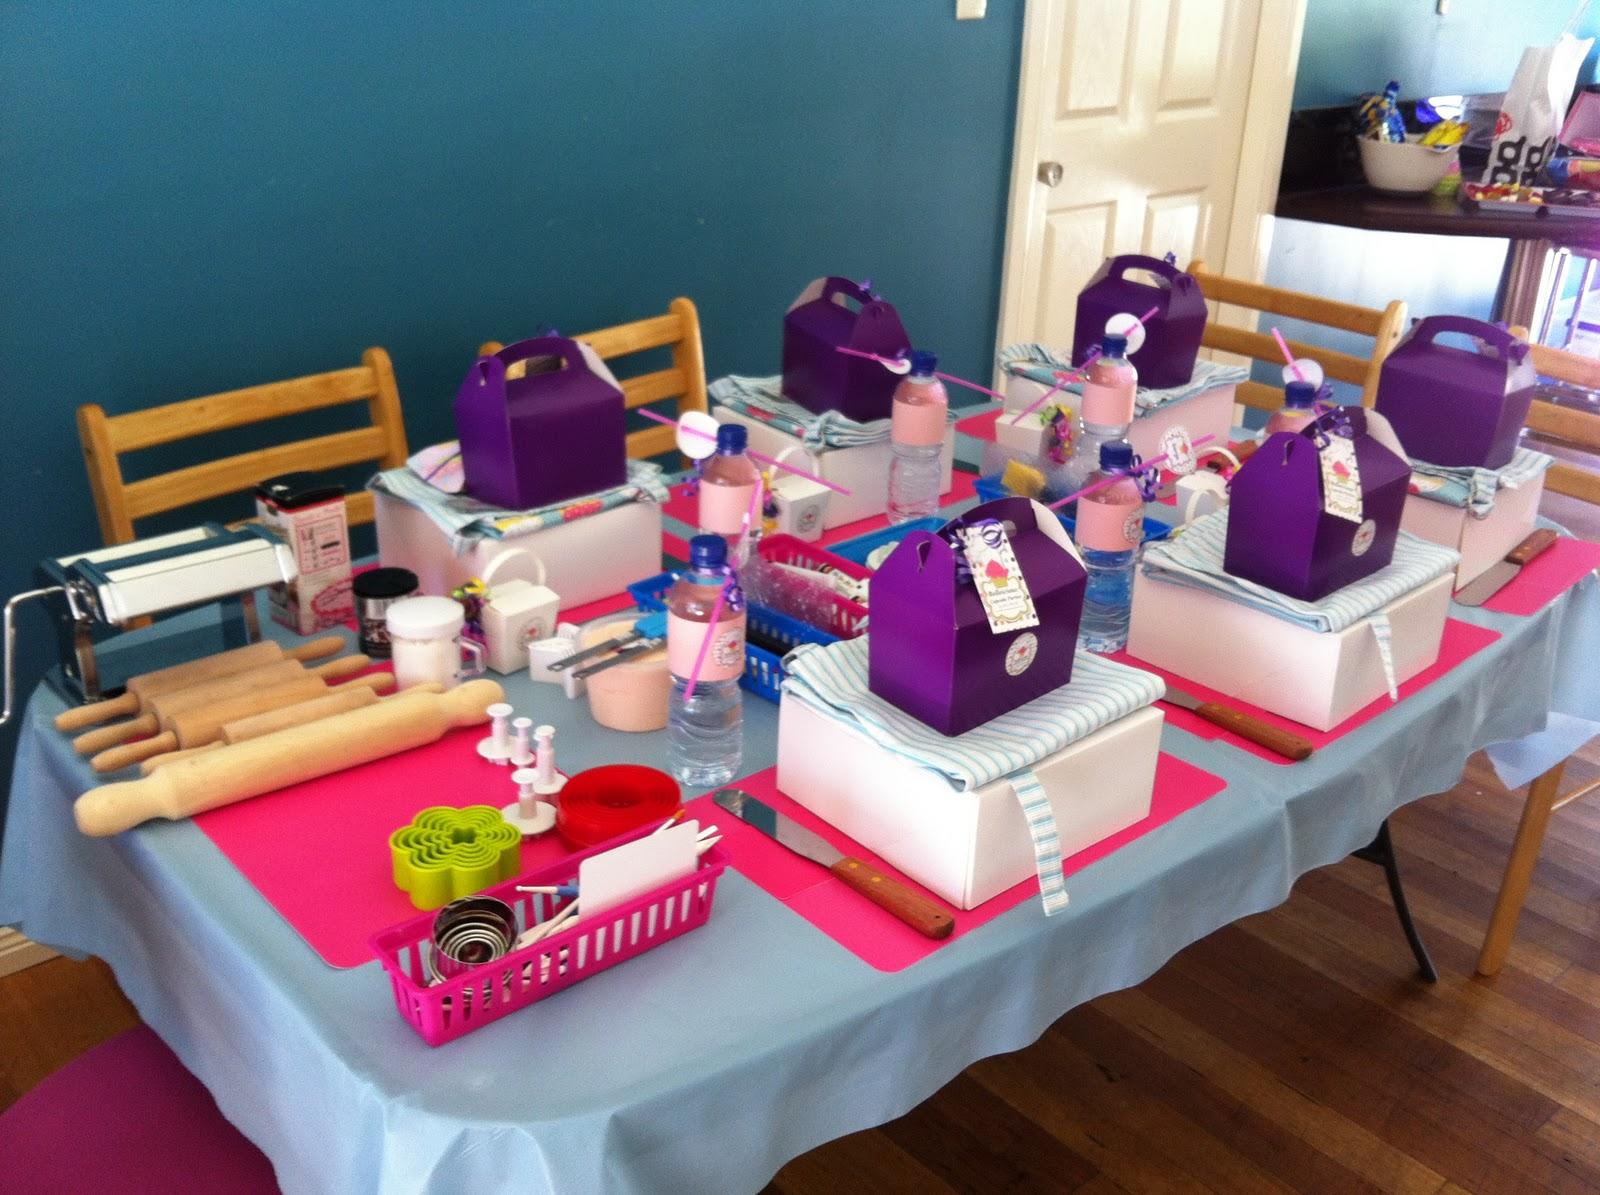 belleicious cupcake decorating parties - Cupcake Decorating Party